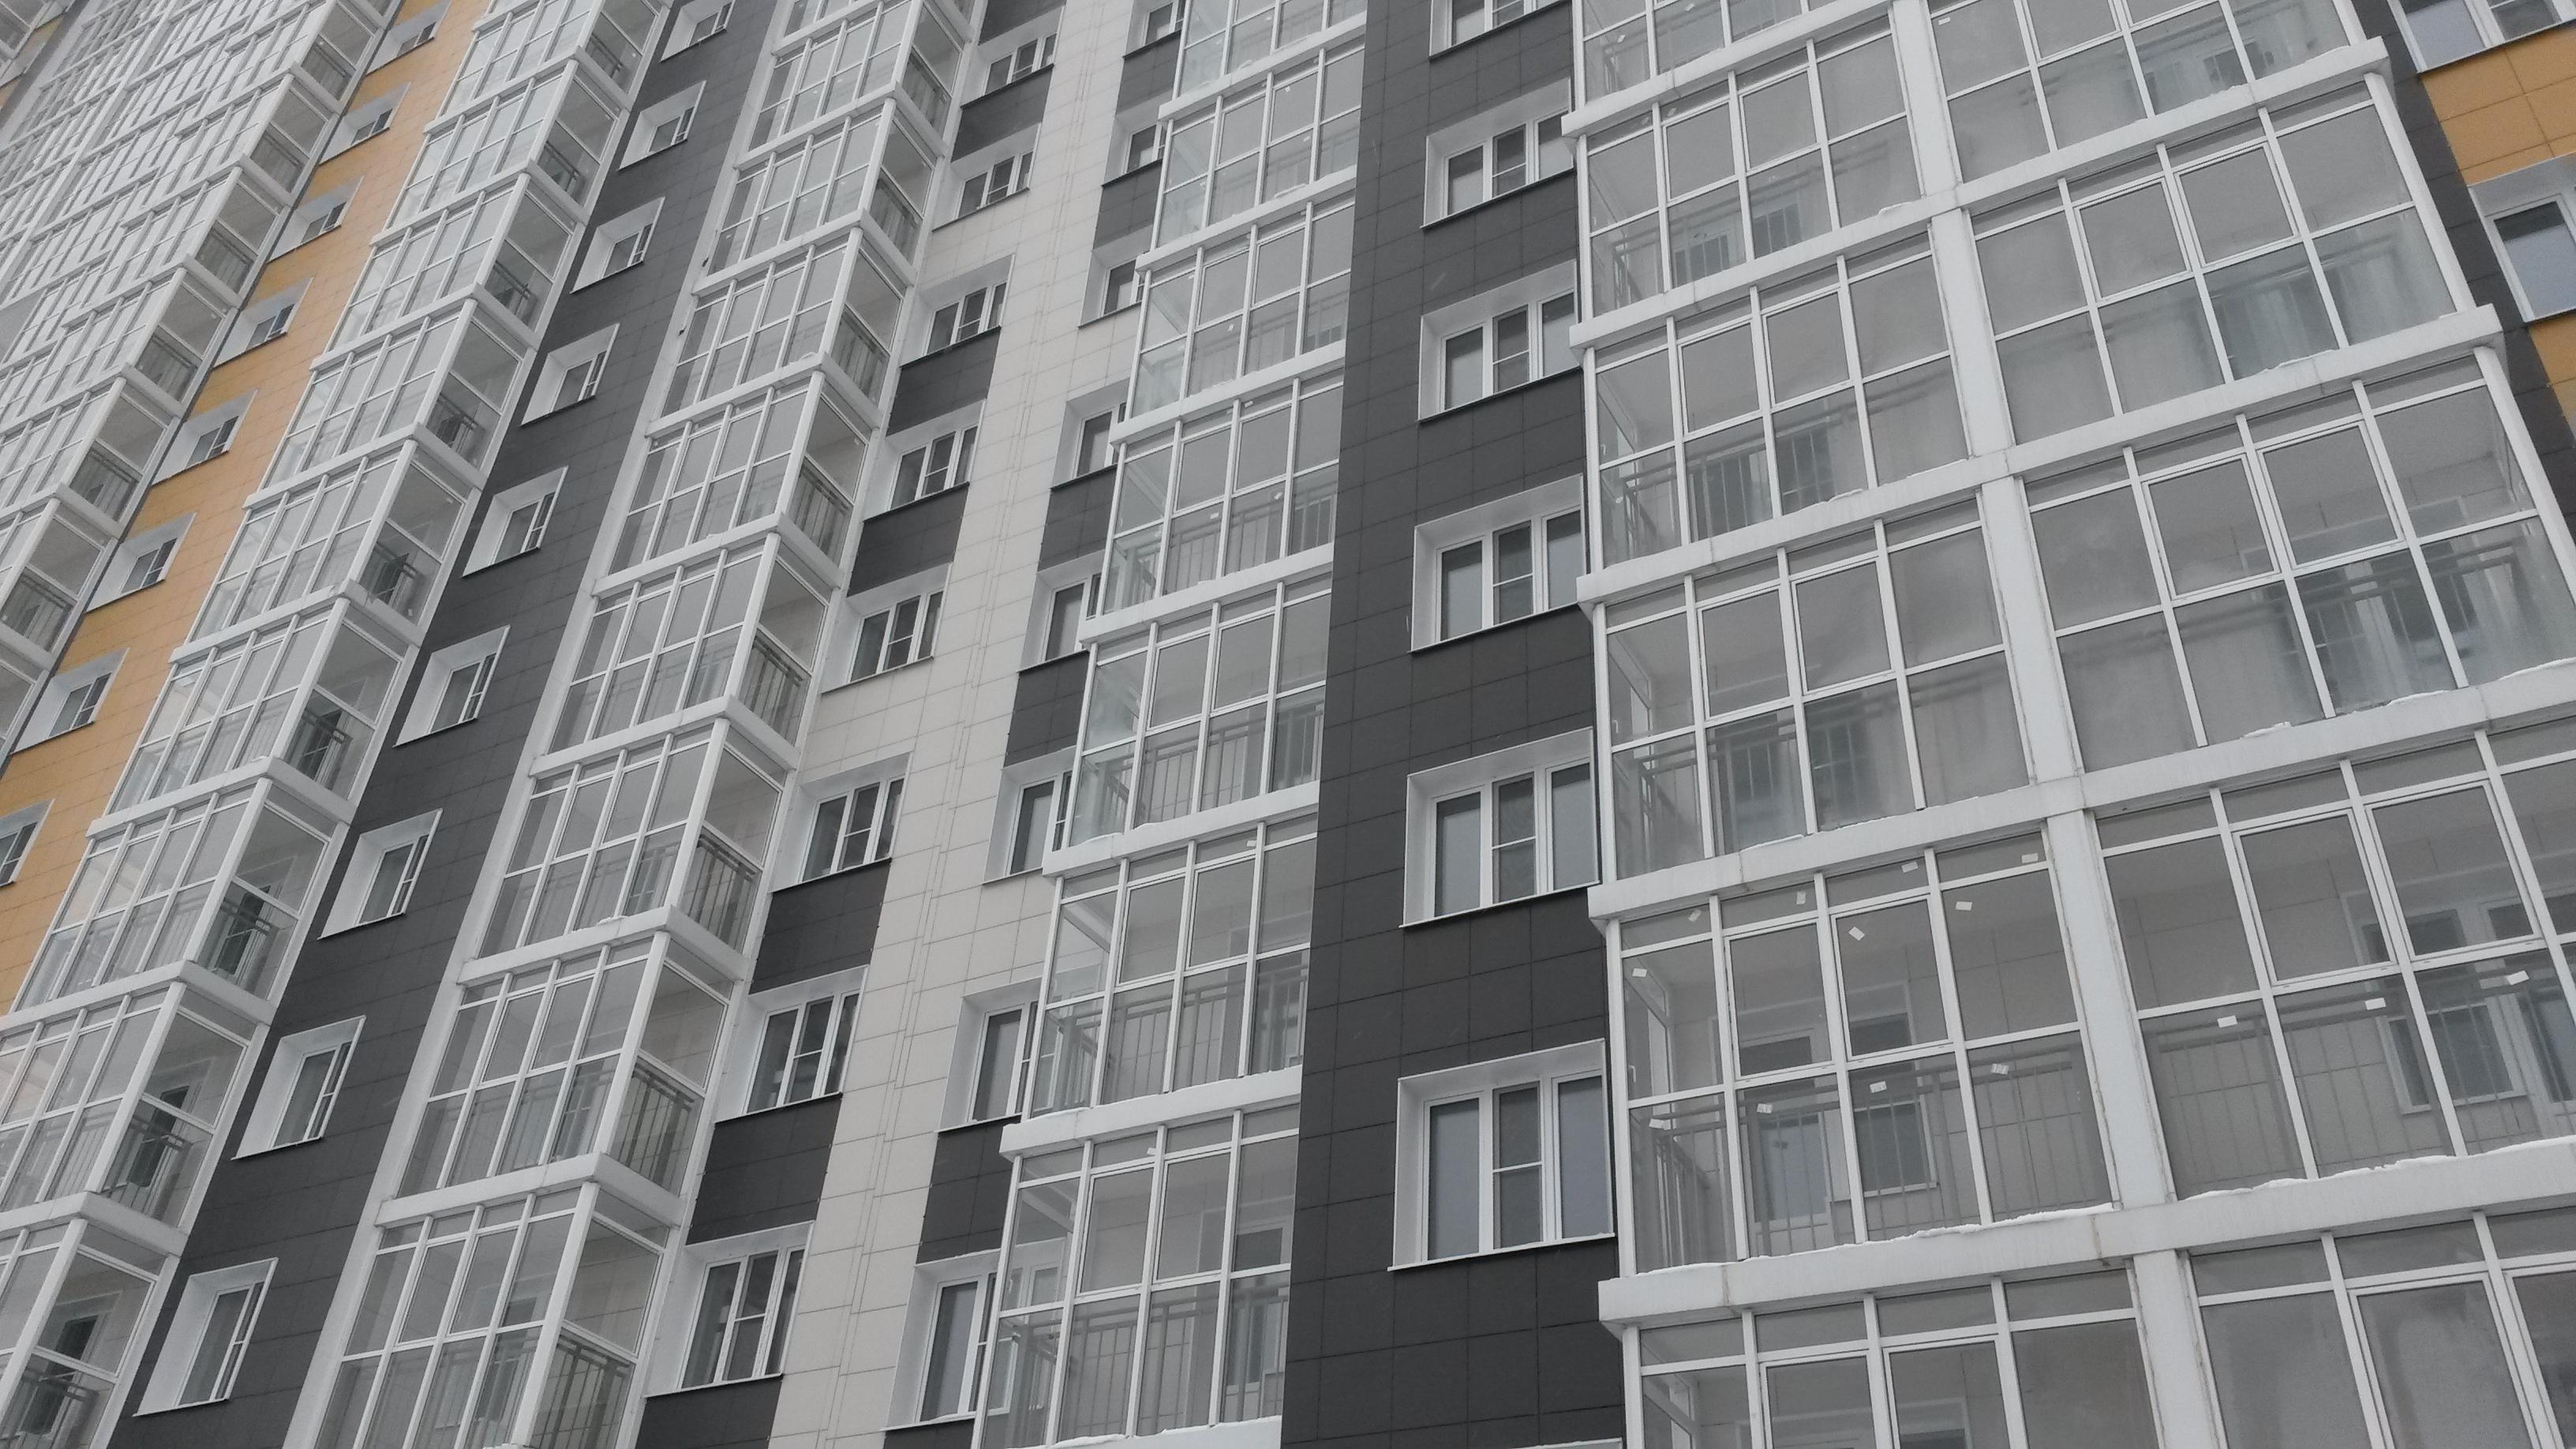 Участников программы реновации жилфонда в Москве планируют освободить от налогов и сборов 88